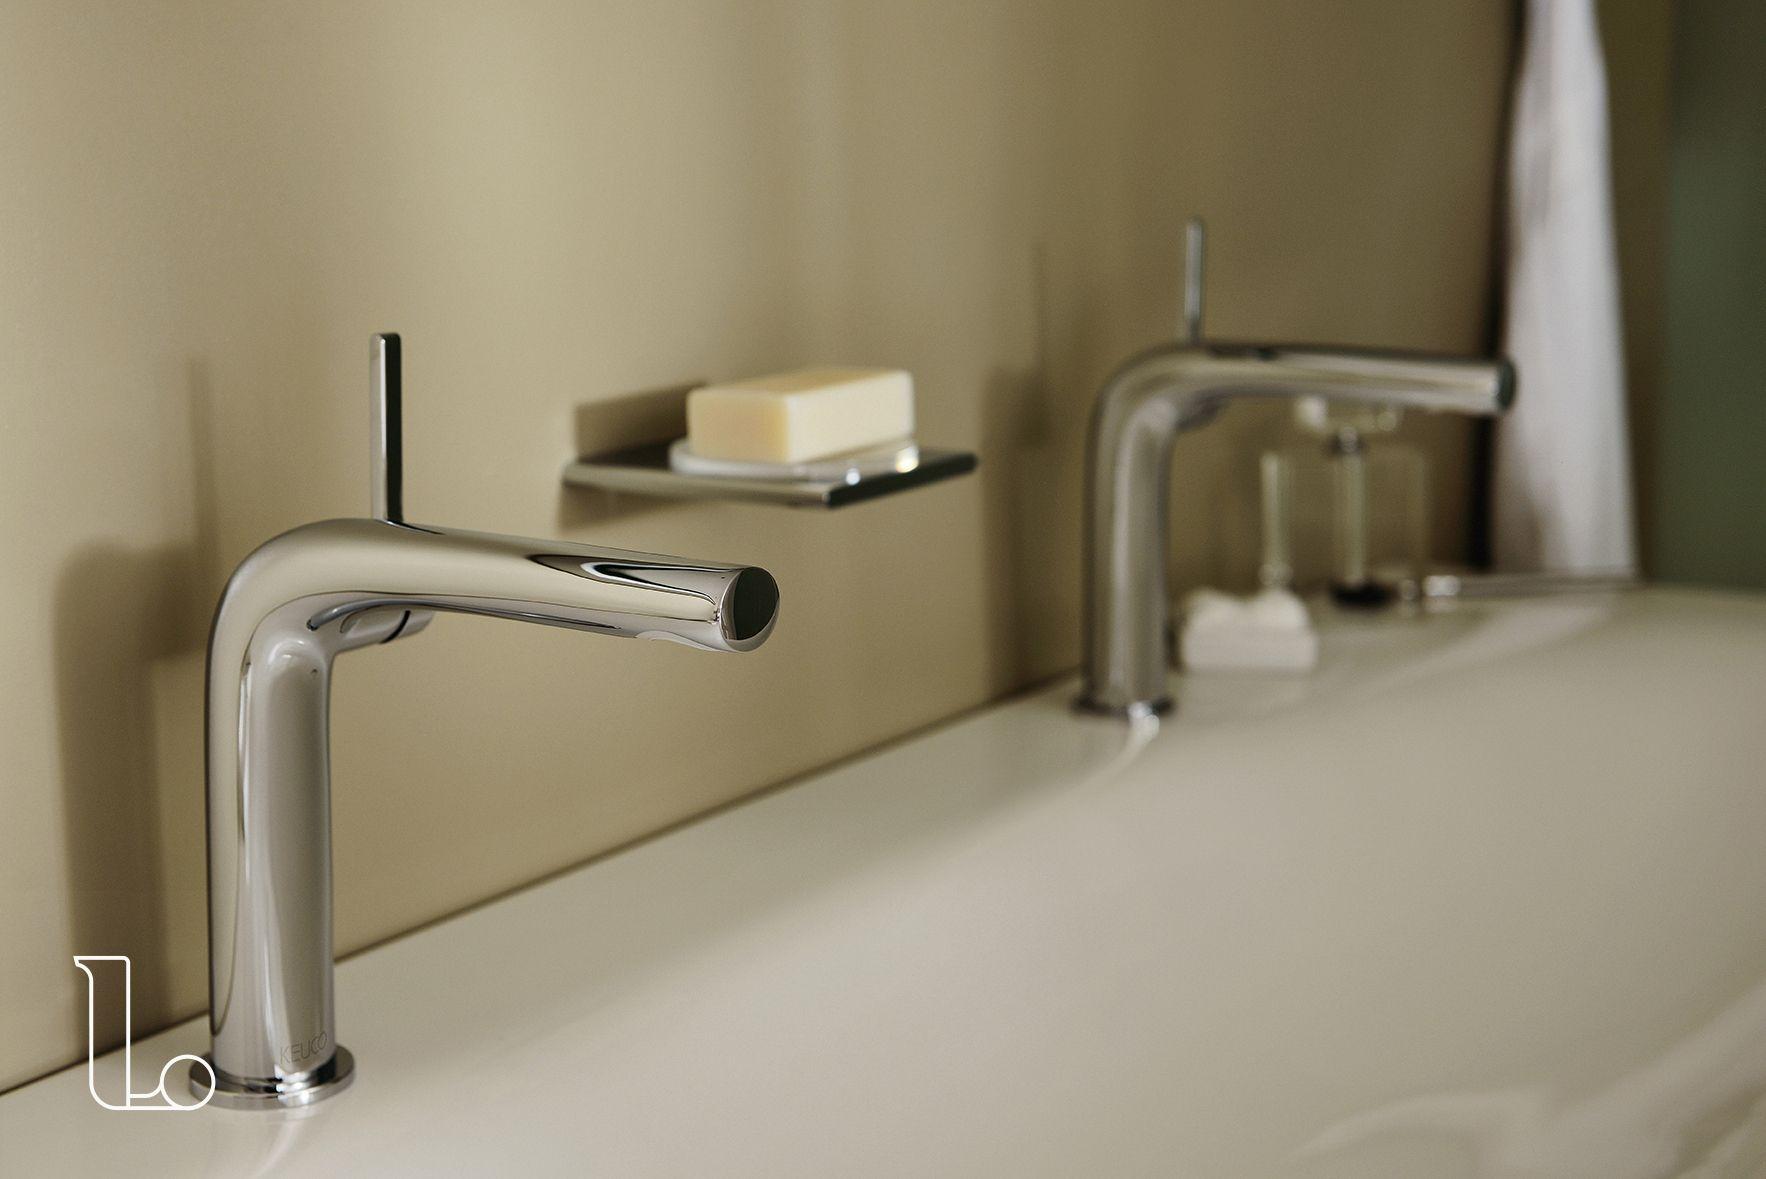 Inloopdouche Met Badkamerkranen : Deze badkamer kranen vallen op dankzij hun gestroomlijnde vormgeving